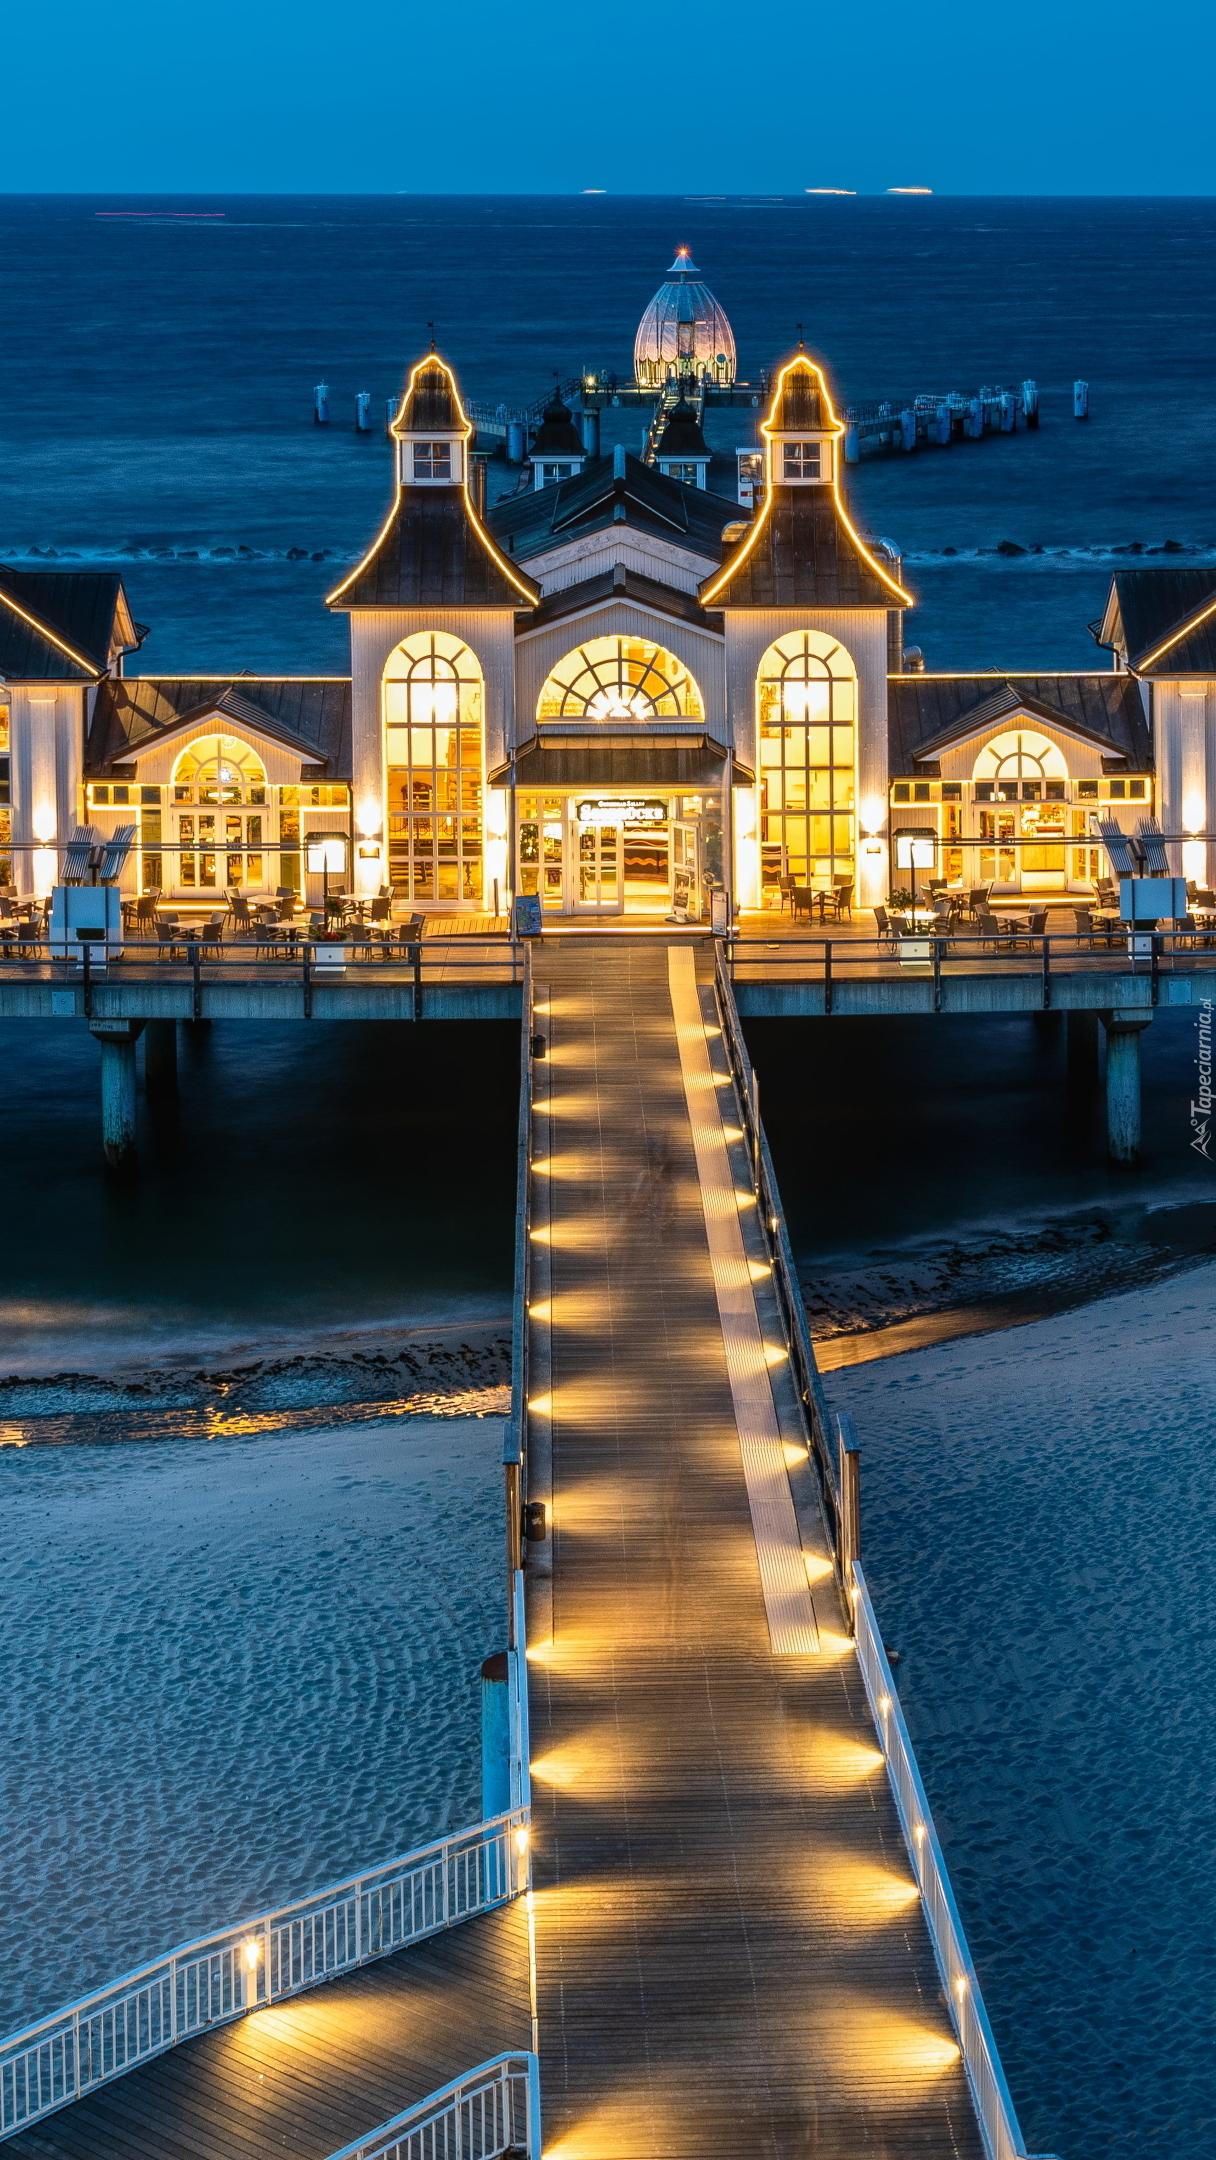 Oświetlona restauracja na molo